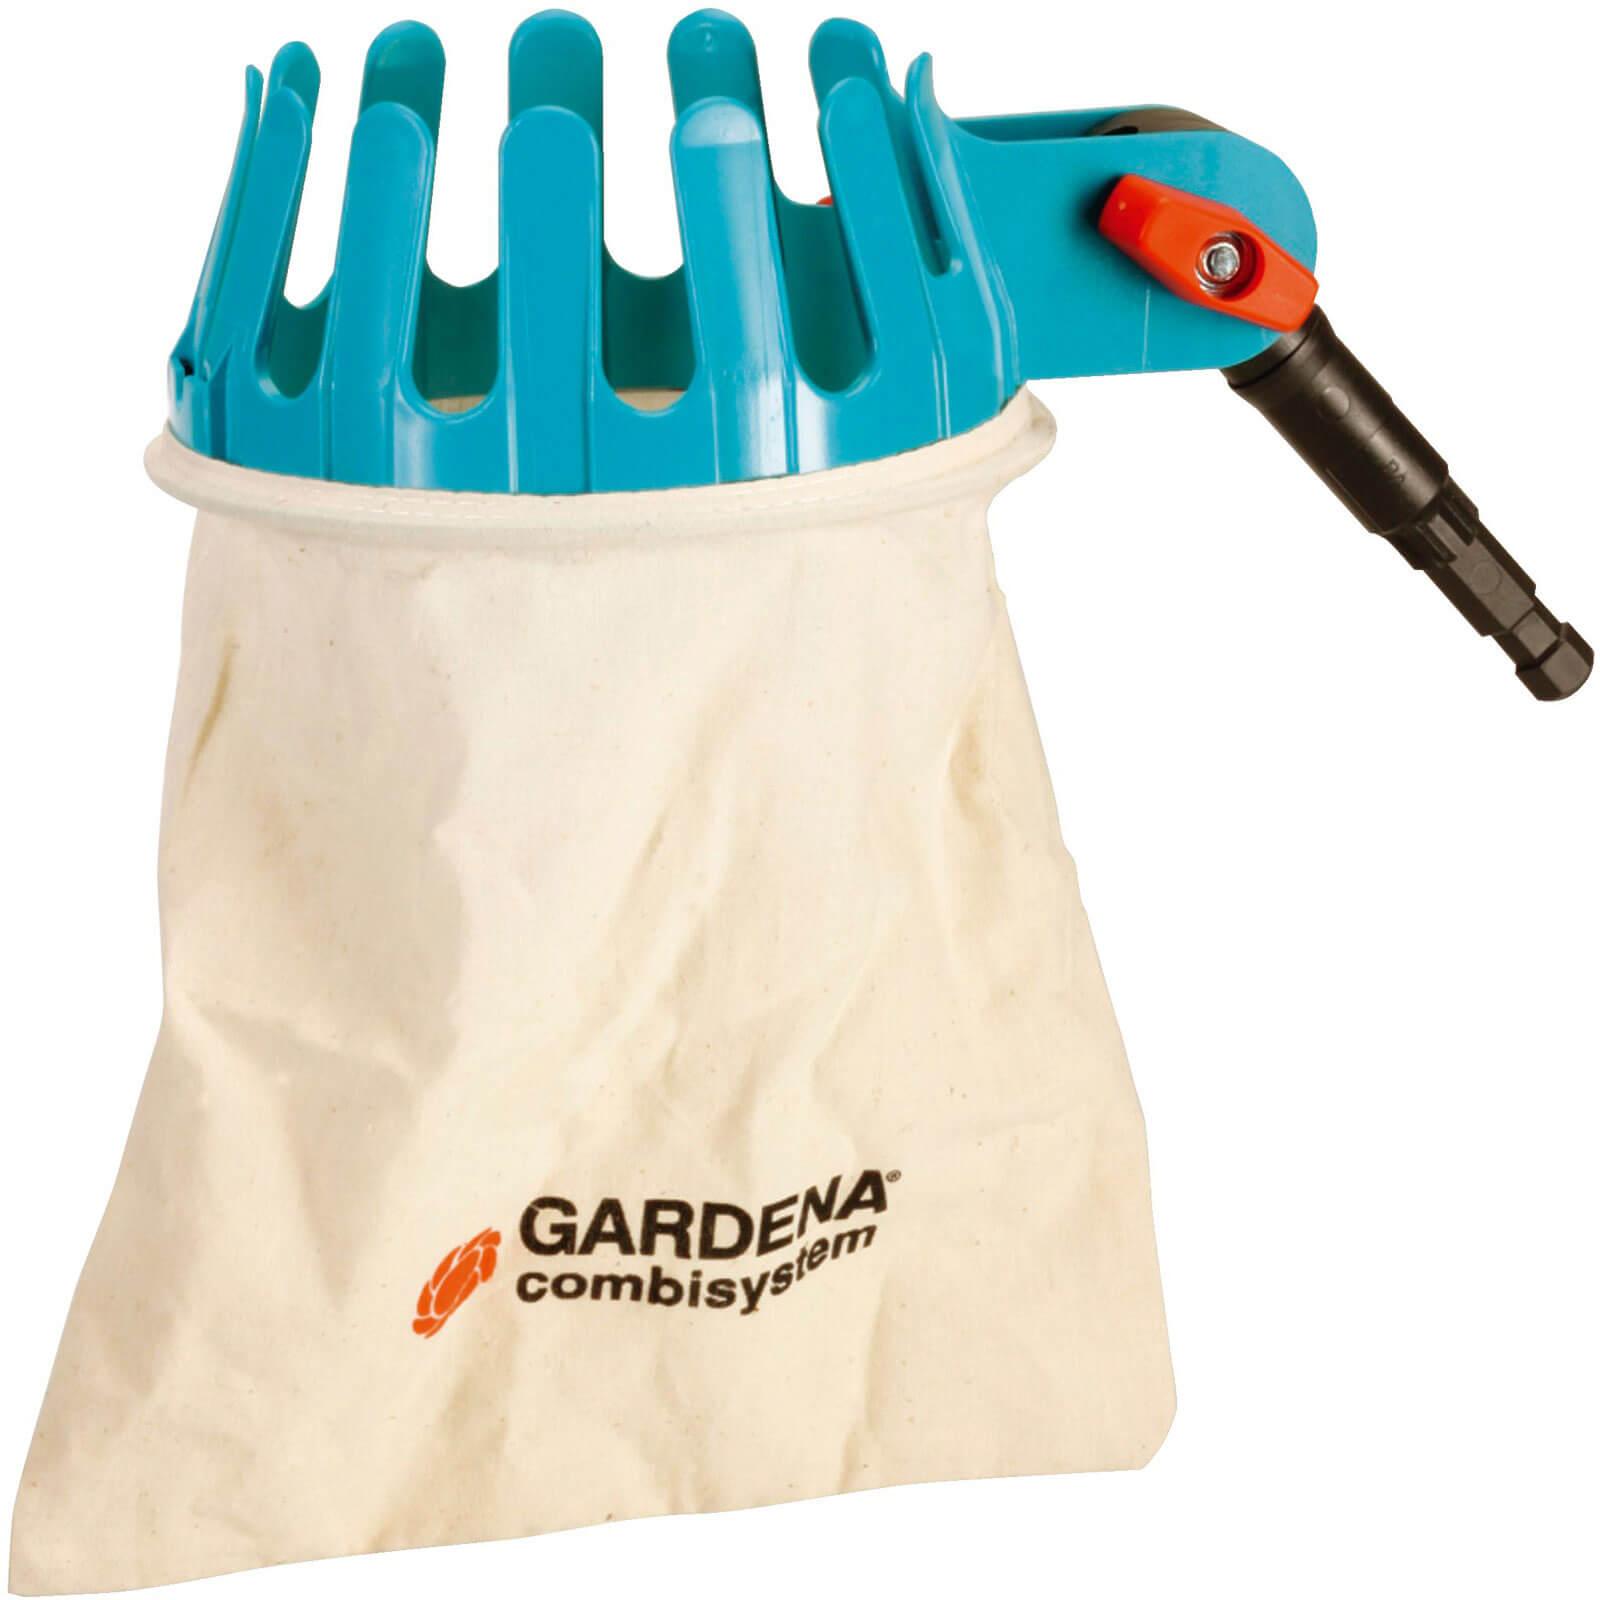 Gardena Combisystem Adjustable Fruit Picker